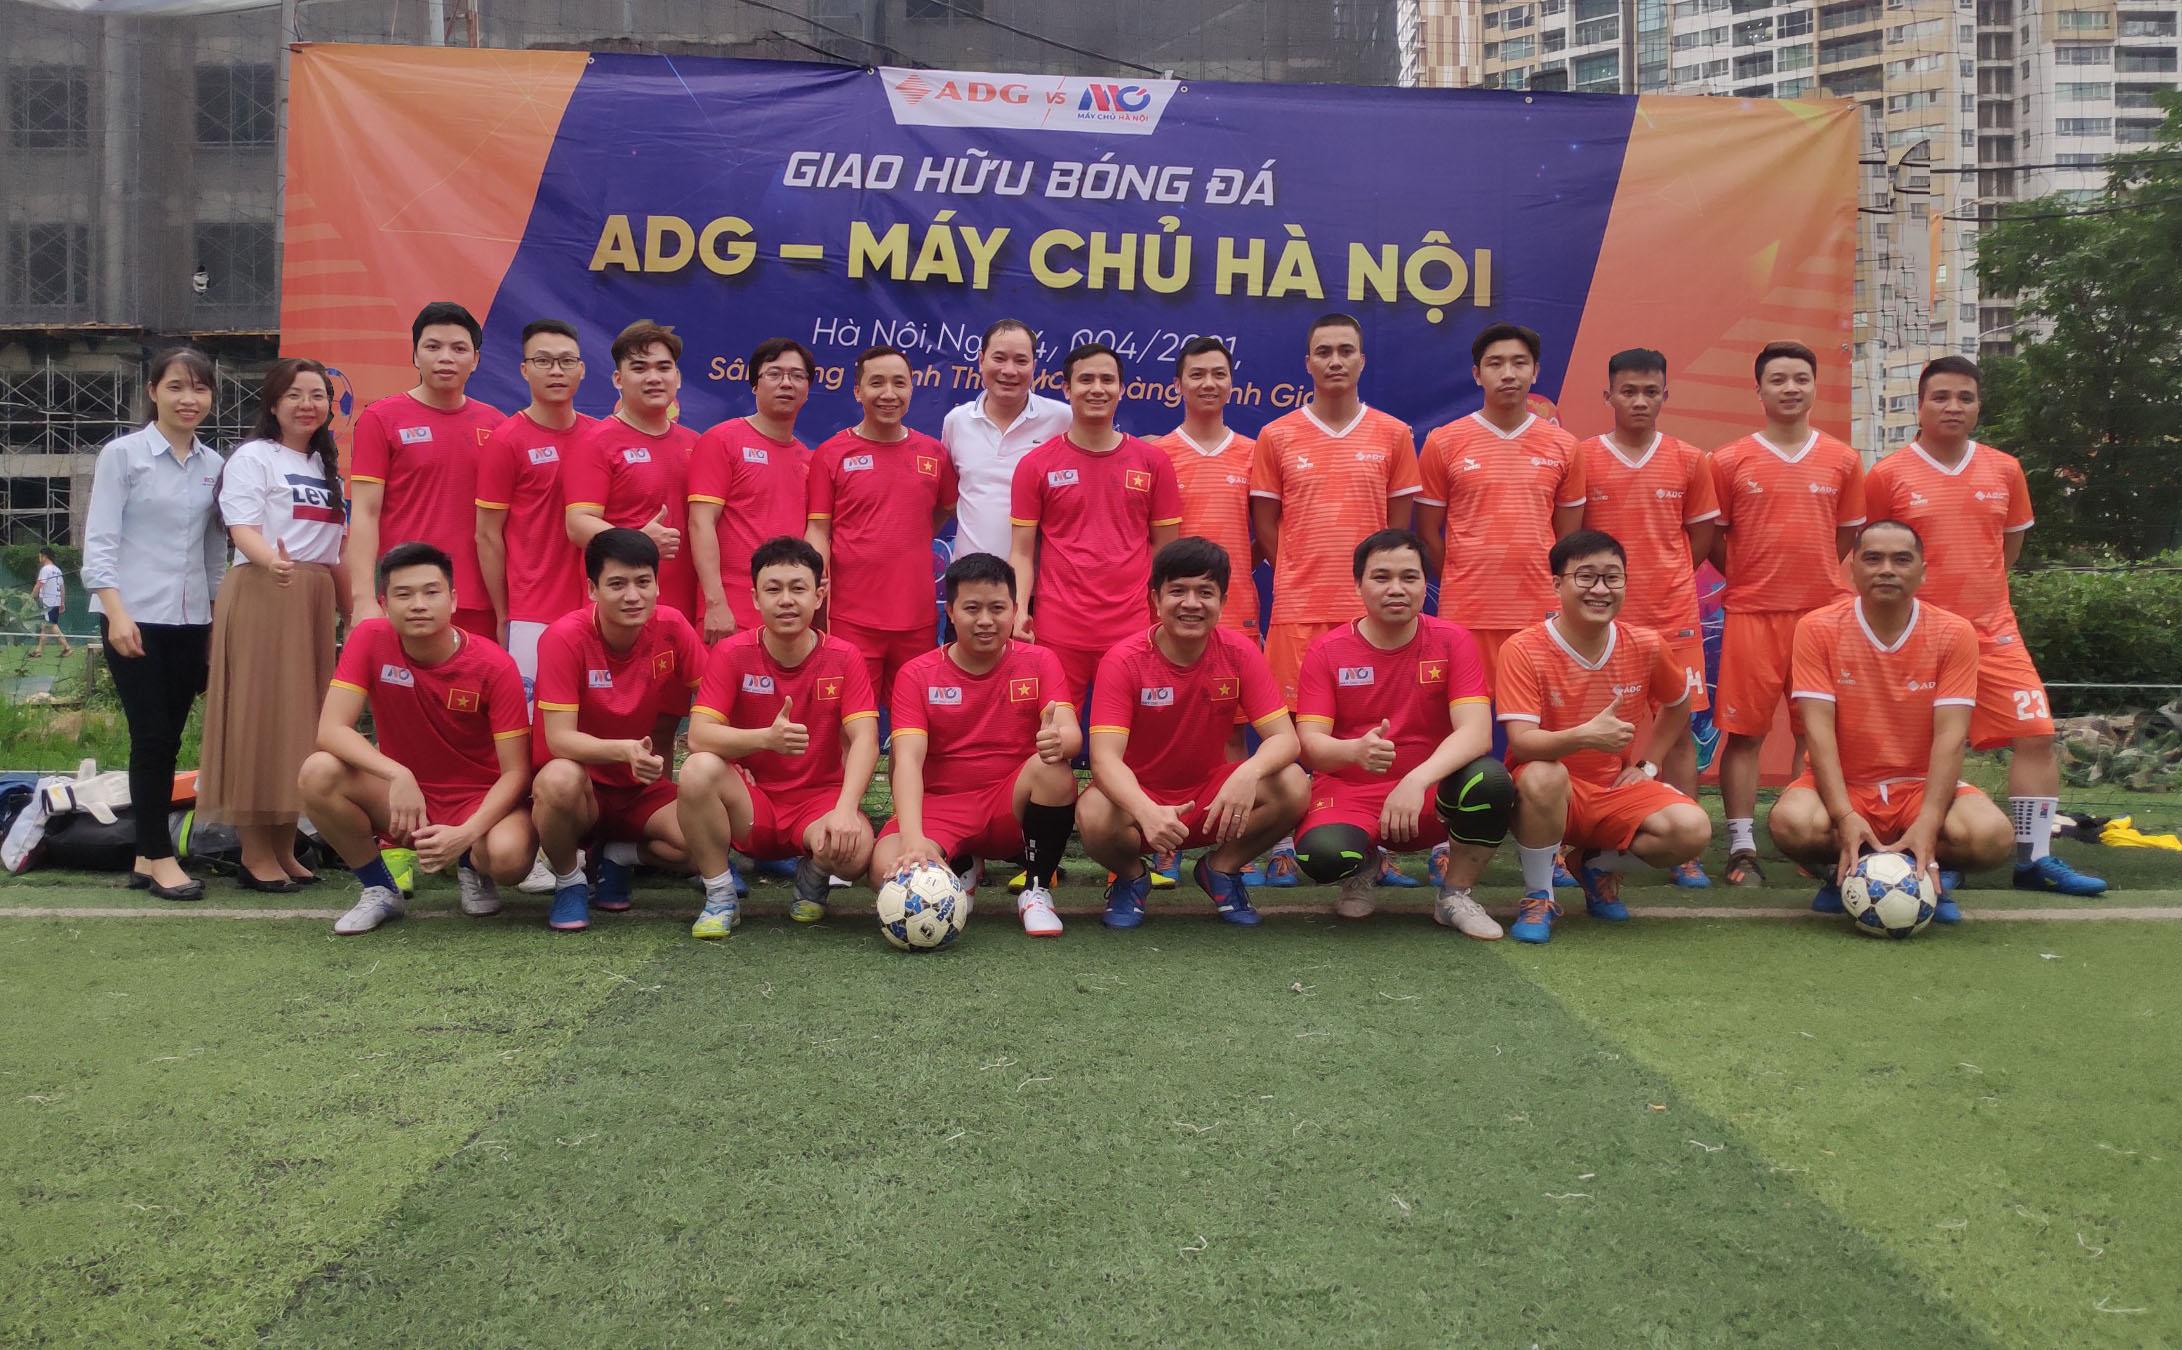 Giao lưu bóng đá giữa  Máy Chủ Hà Nội  và  ADG